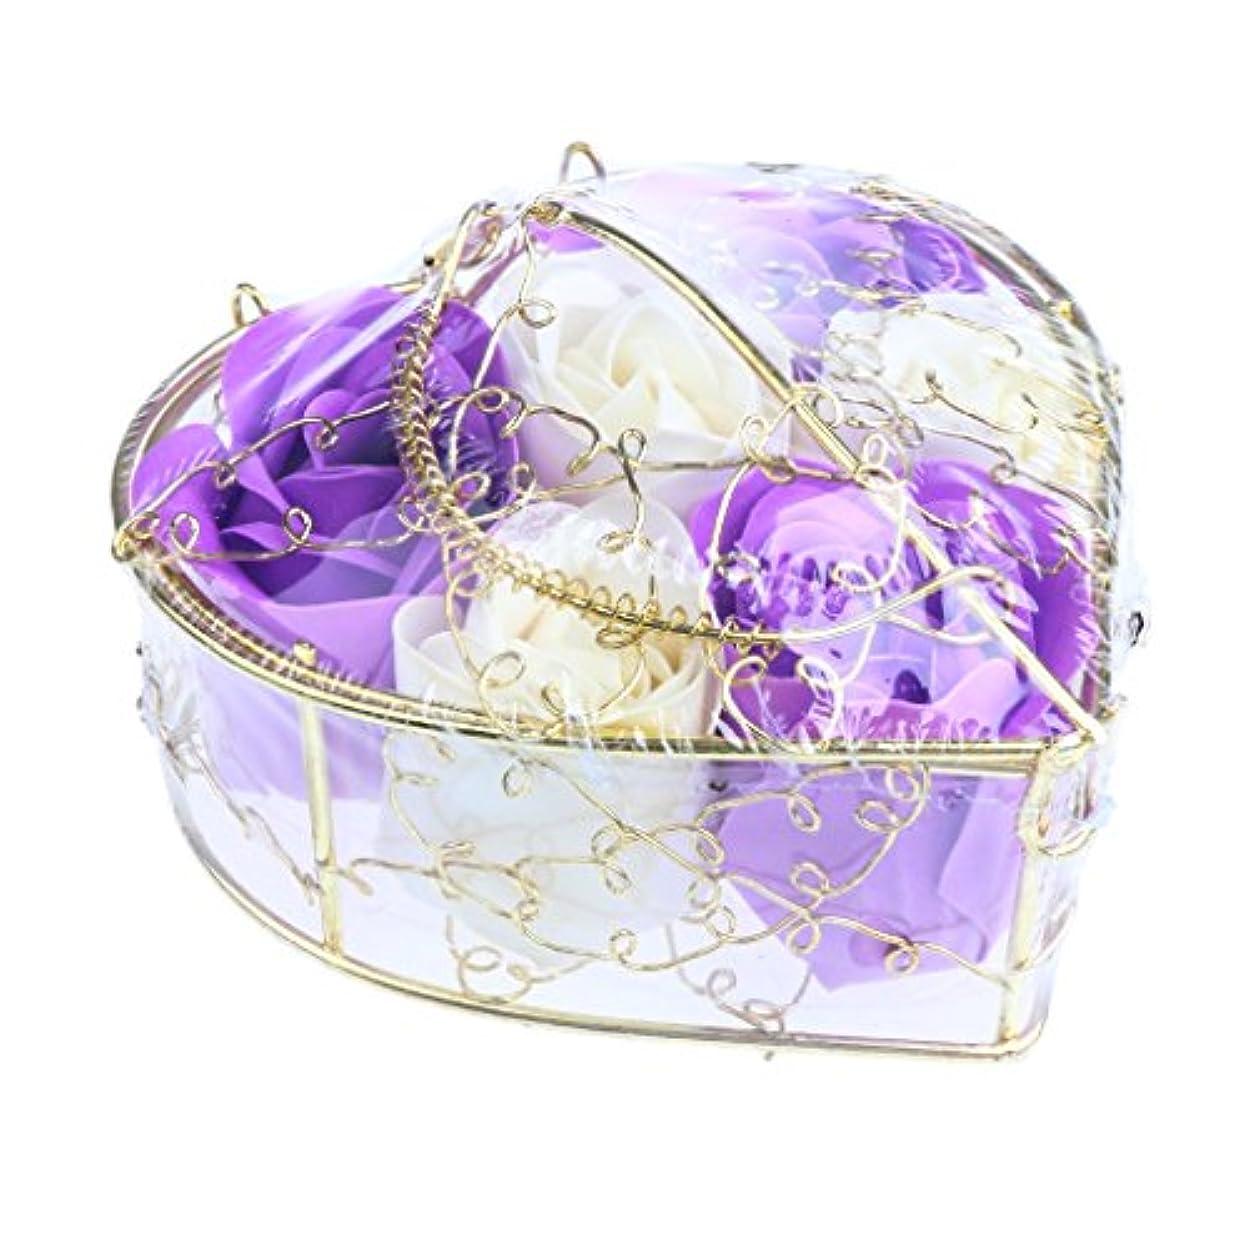 鋼質素な抵抗するPerfk 6個 石鹸の花 石鹸花  造花 フラワー バラ ソープフラワー  シャボンフラワー  フラワーボックス プレゼント 全5タイプ選べる - 紫と白